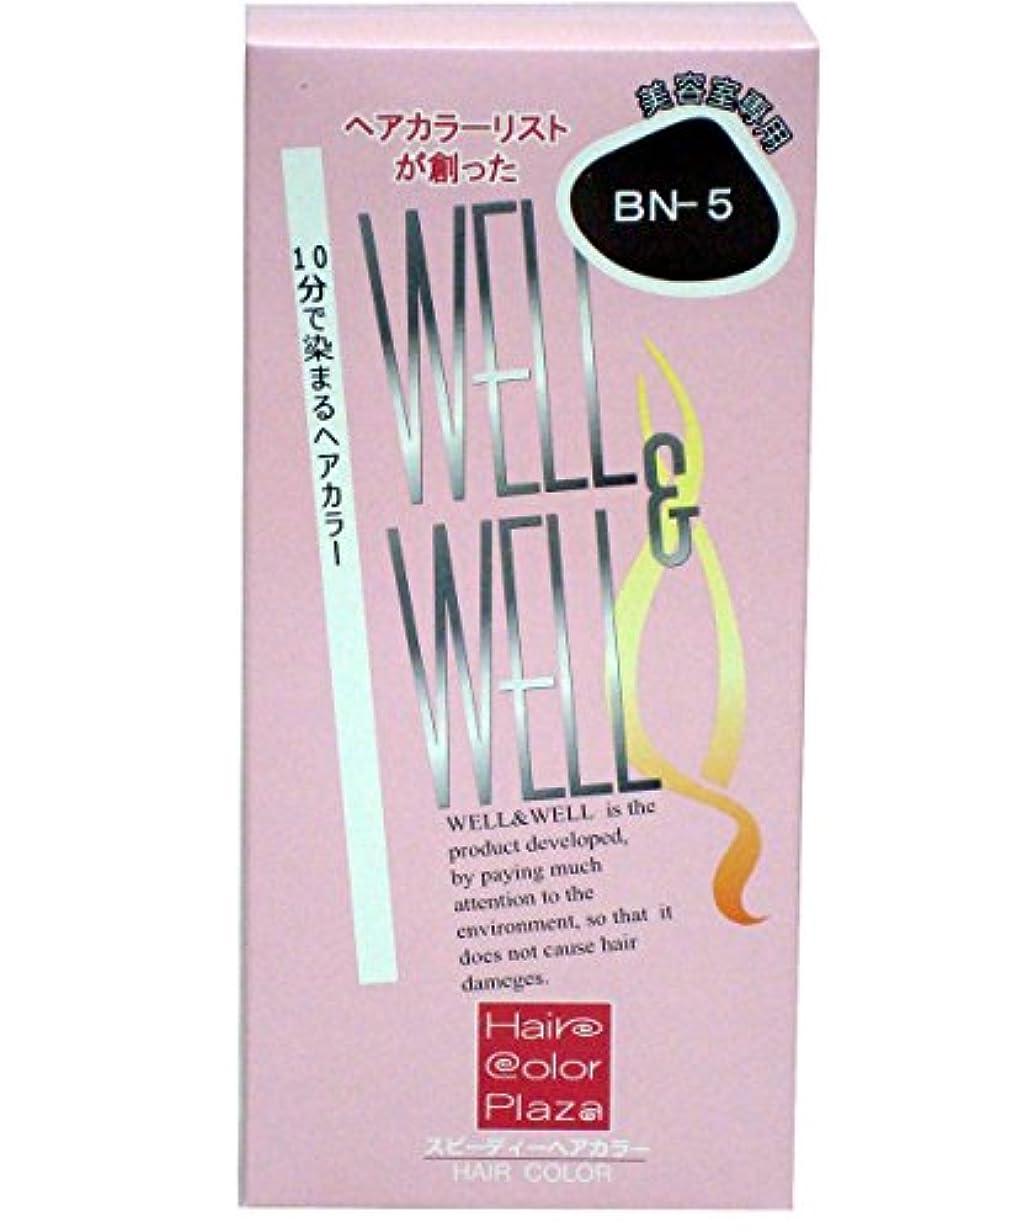 範囲確認してくださいラリー【美容室専用】 ウェル&ウェル スピーディヘアカラー ナチュラルブラウン BN-5